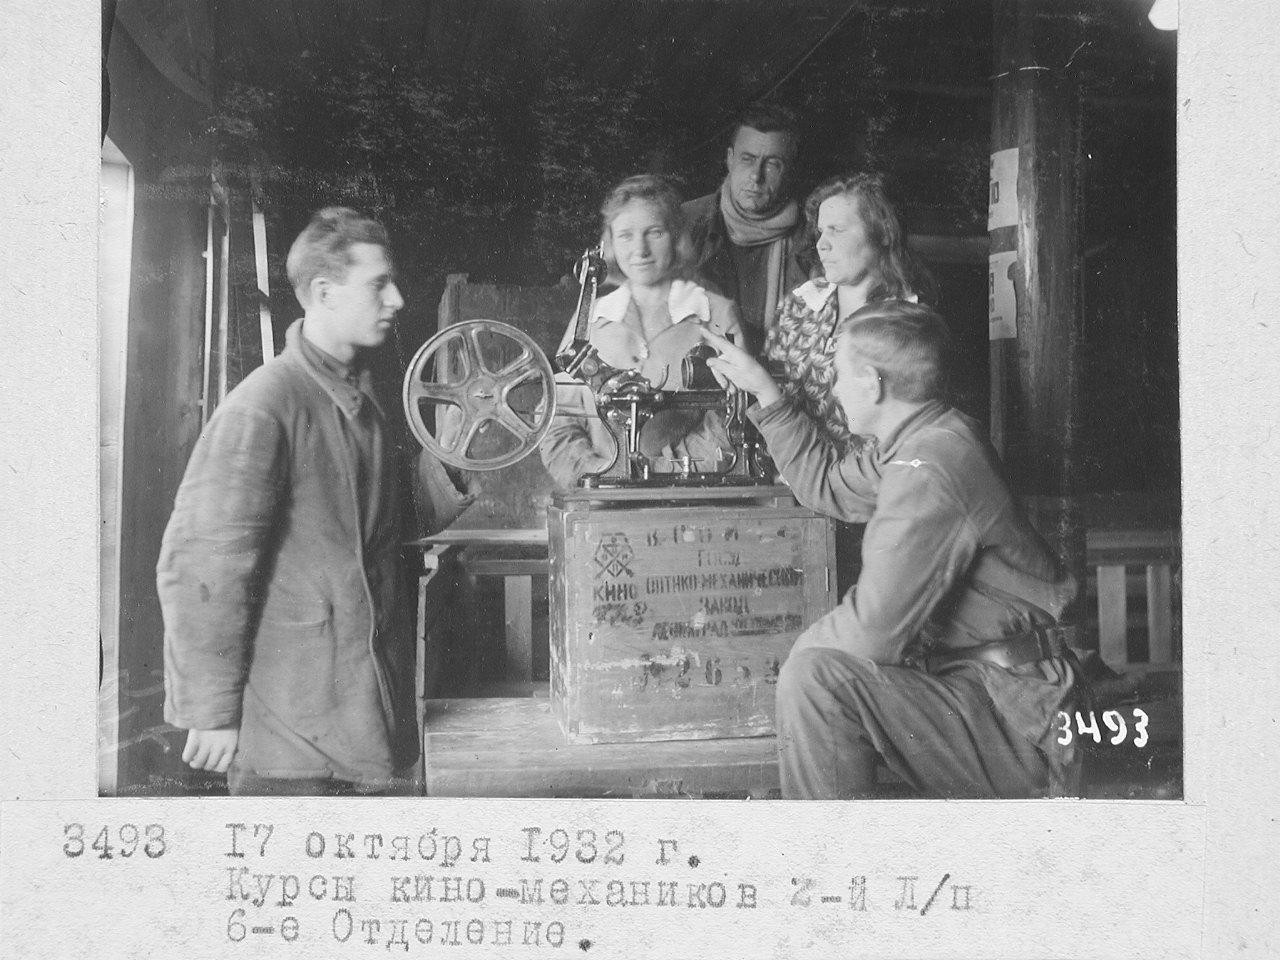 17 oct 1932 Cours de ciné-mécanique au camp n°2 6e section